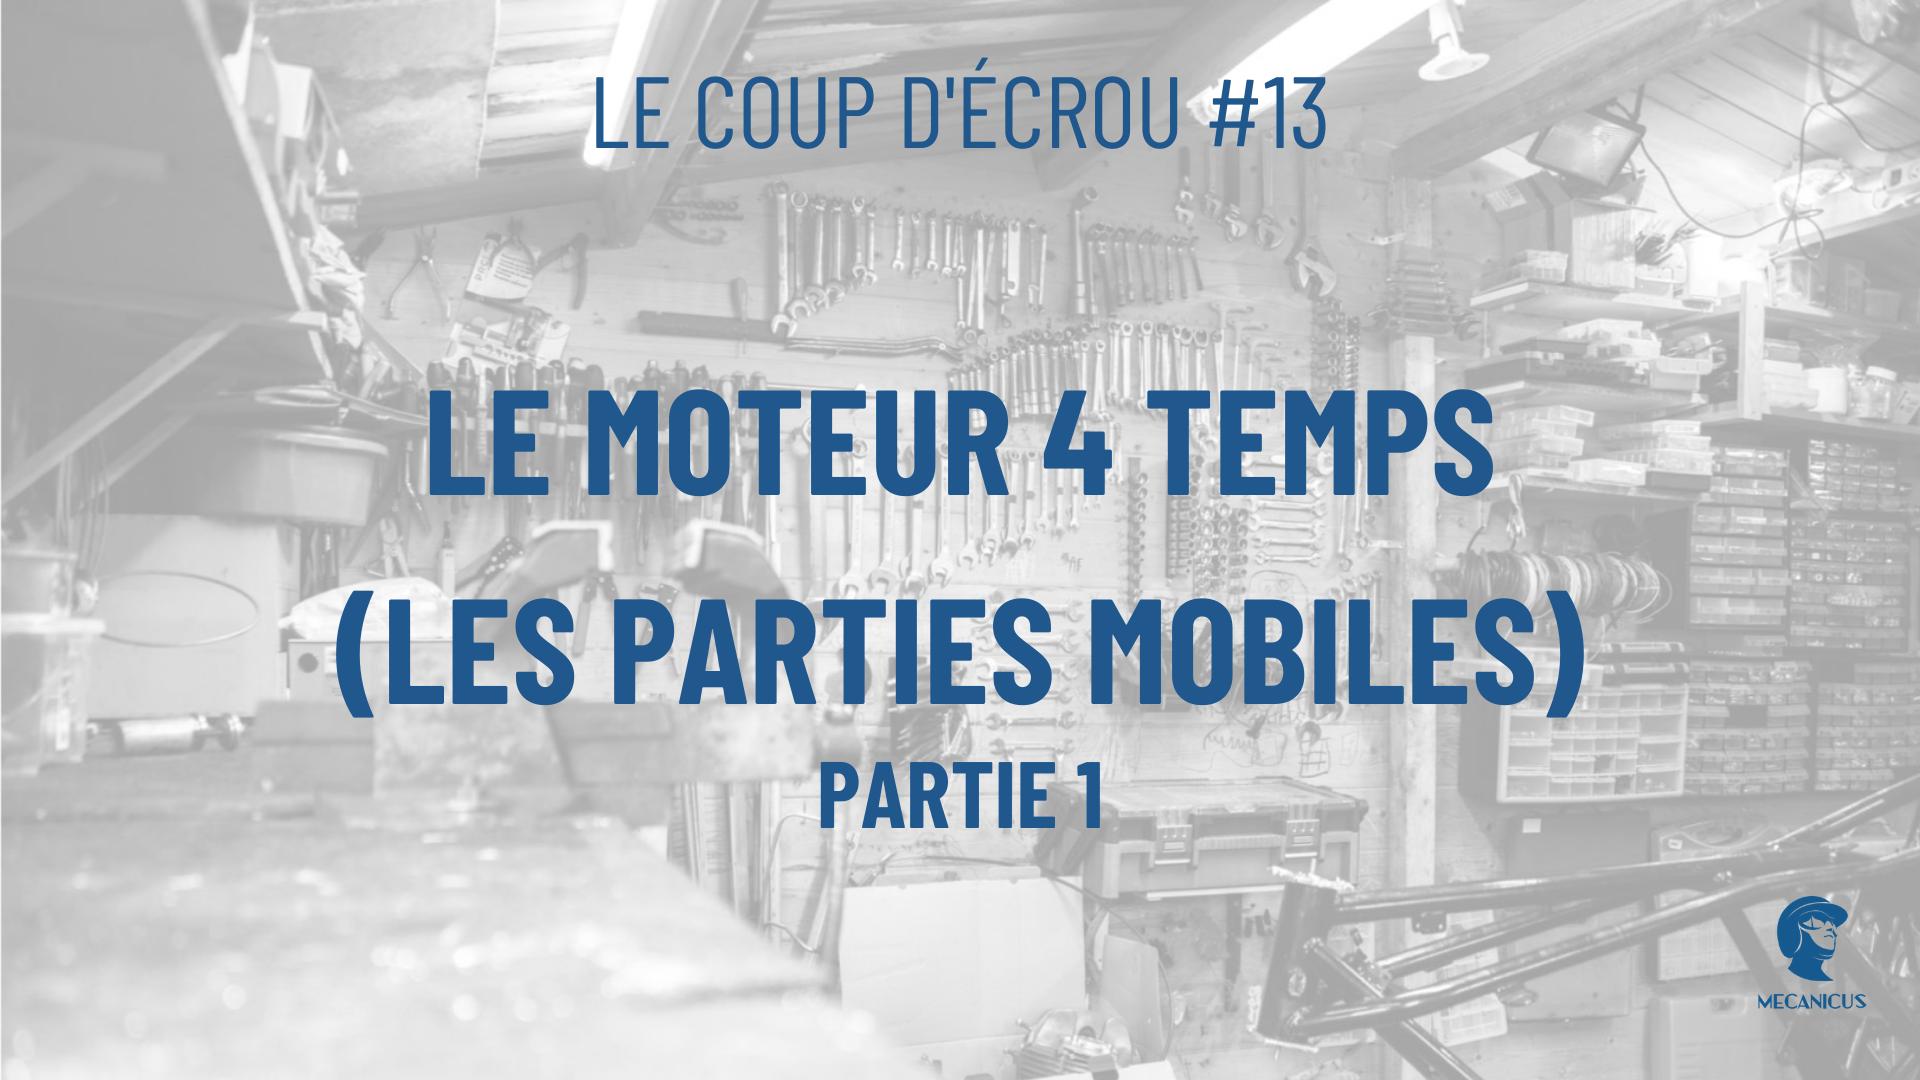 🧰 Le coup d'écrou#13 - Le moteur 4 temps / Les parties mobiles (Partie 1)